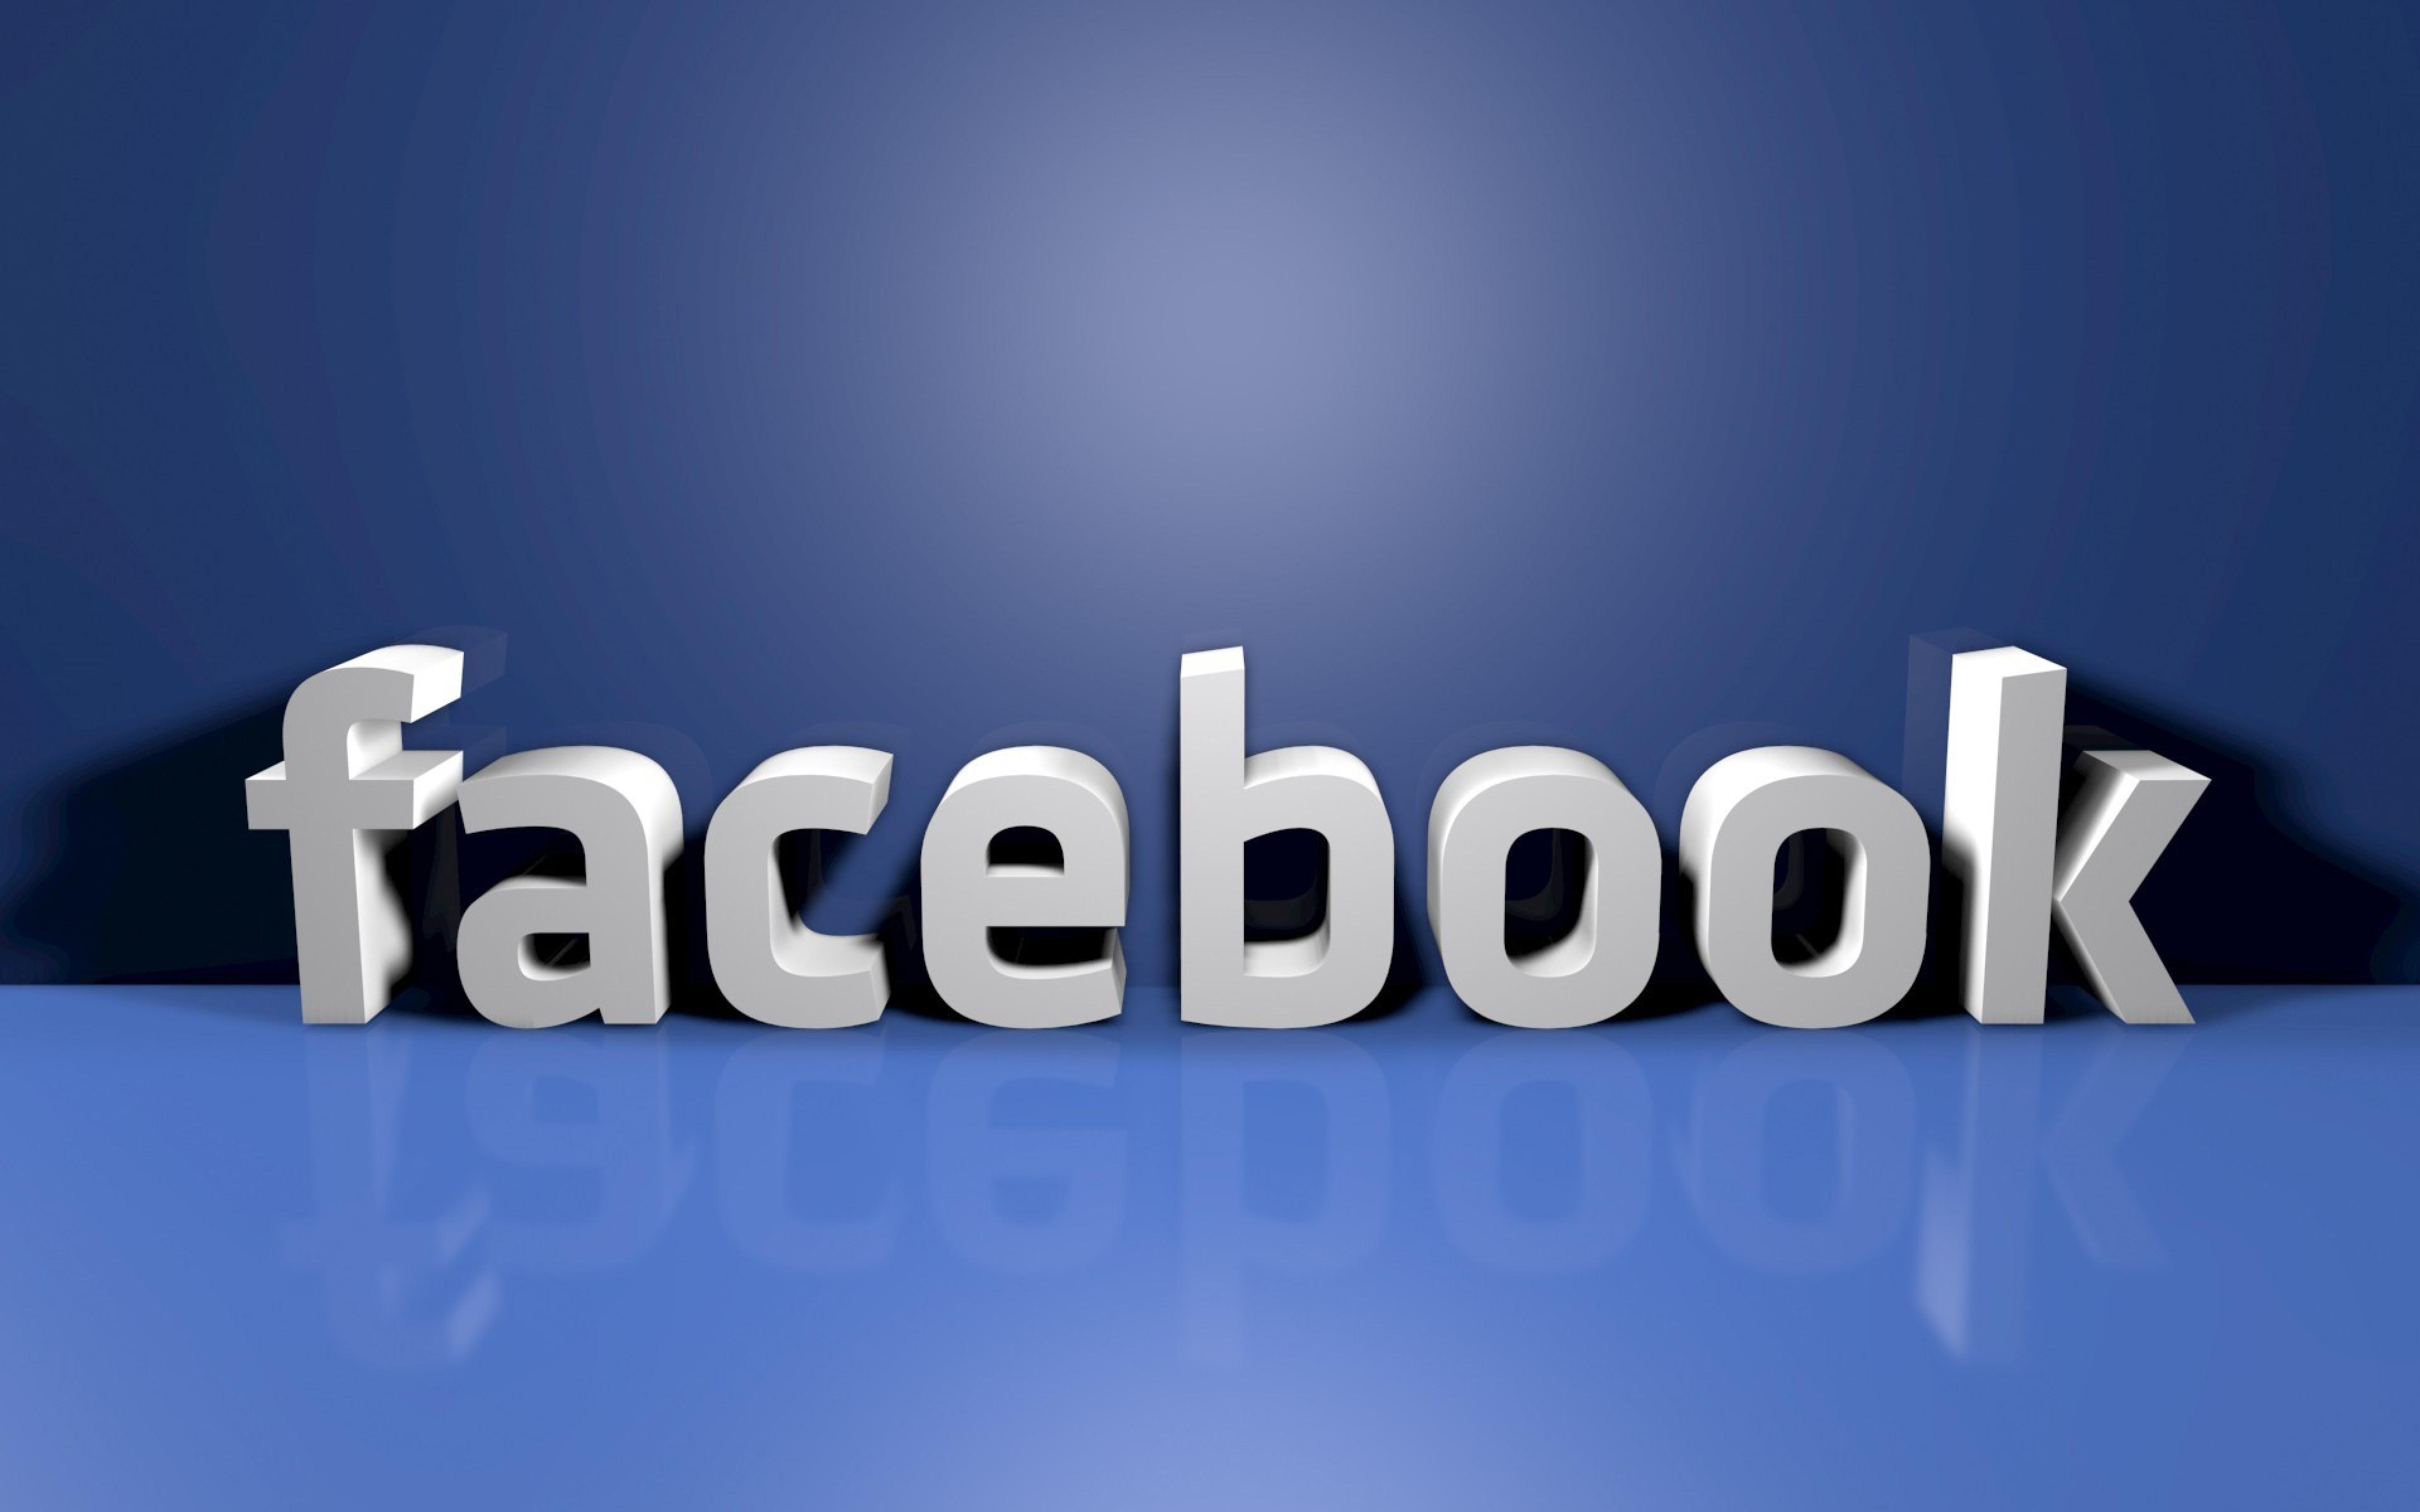 Το Facebook κατέβασε 1,5 εκατομμύρια βίντεο από το μακελειό στη Νέα Ζηλανδία